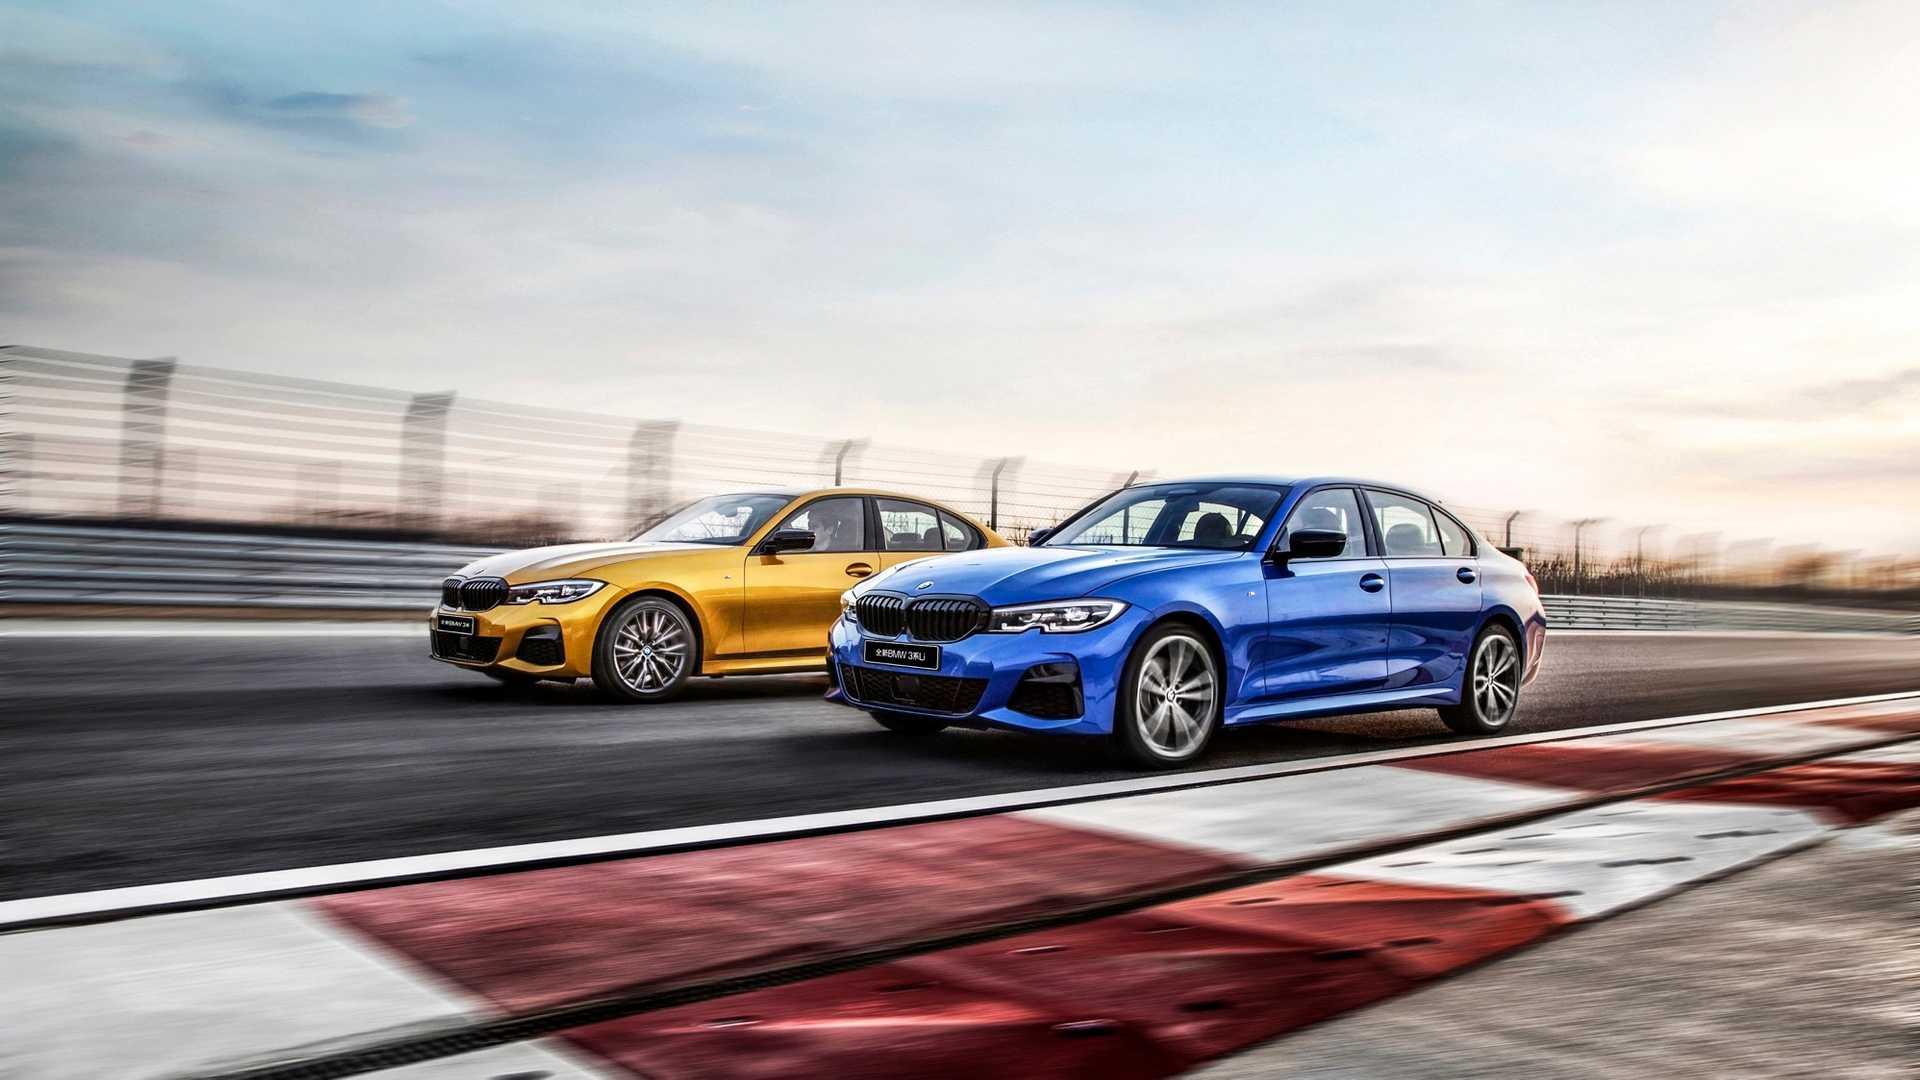 Produženi BMW serije 3 predstavljen u Šangaju